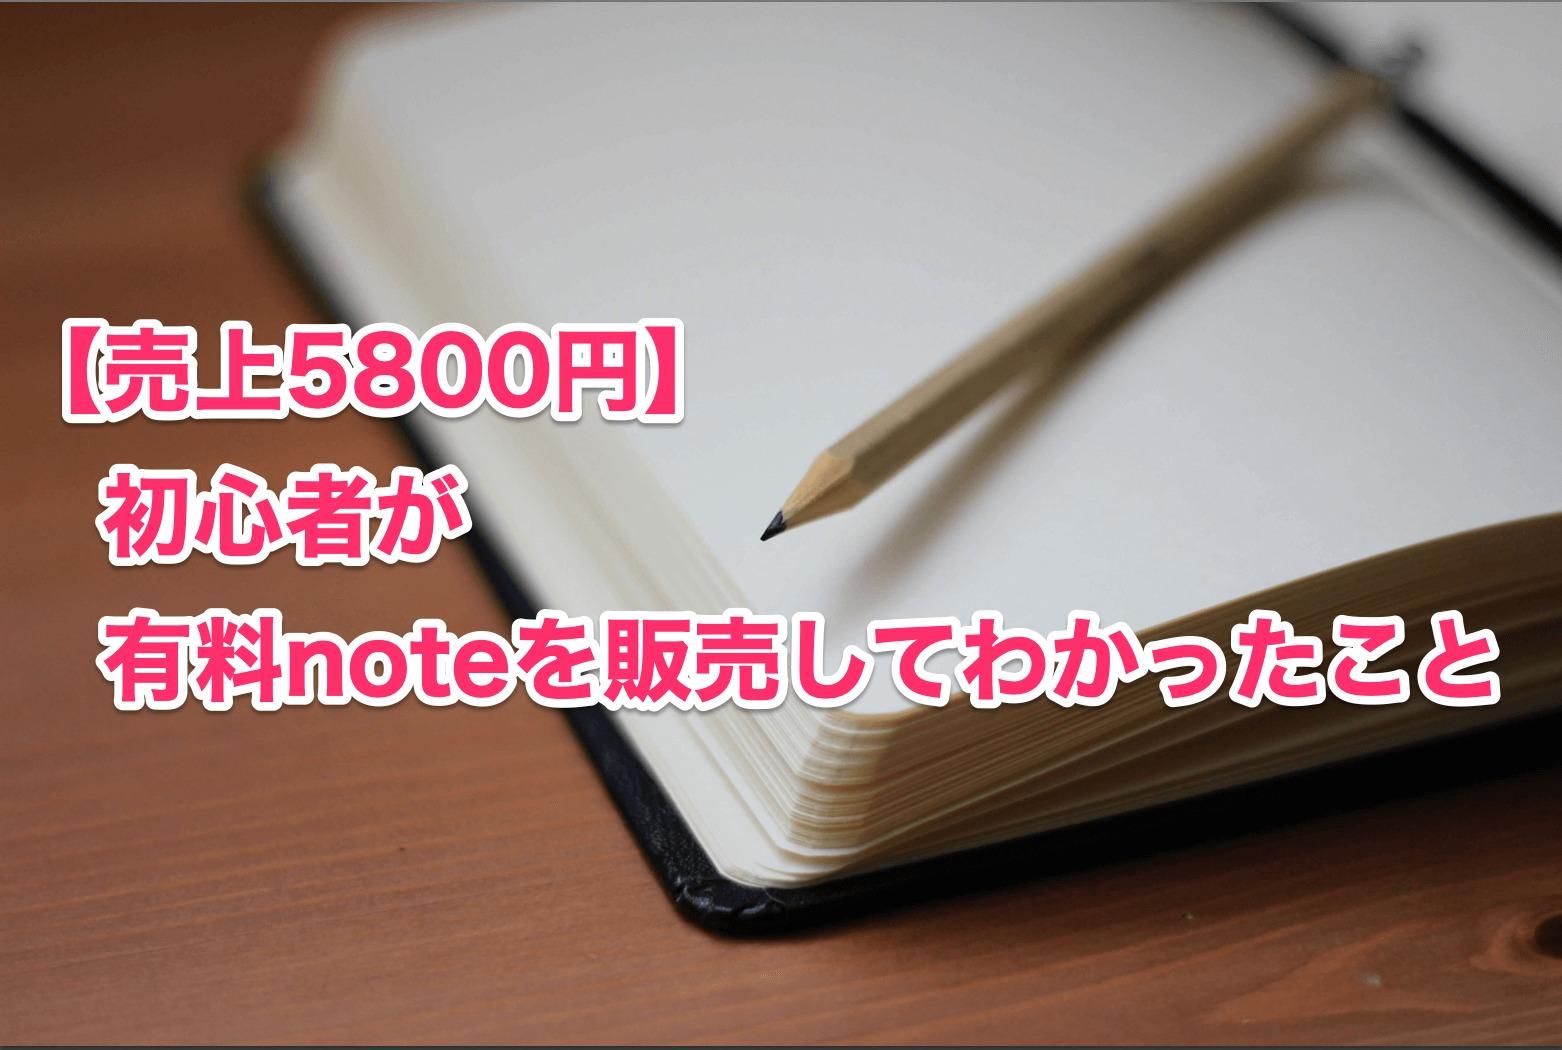 【売上5800円】初心者が有料noteを販売してわかったこと、成果、工夫点